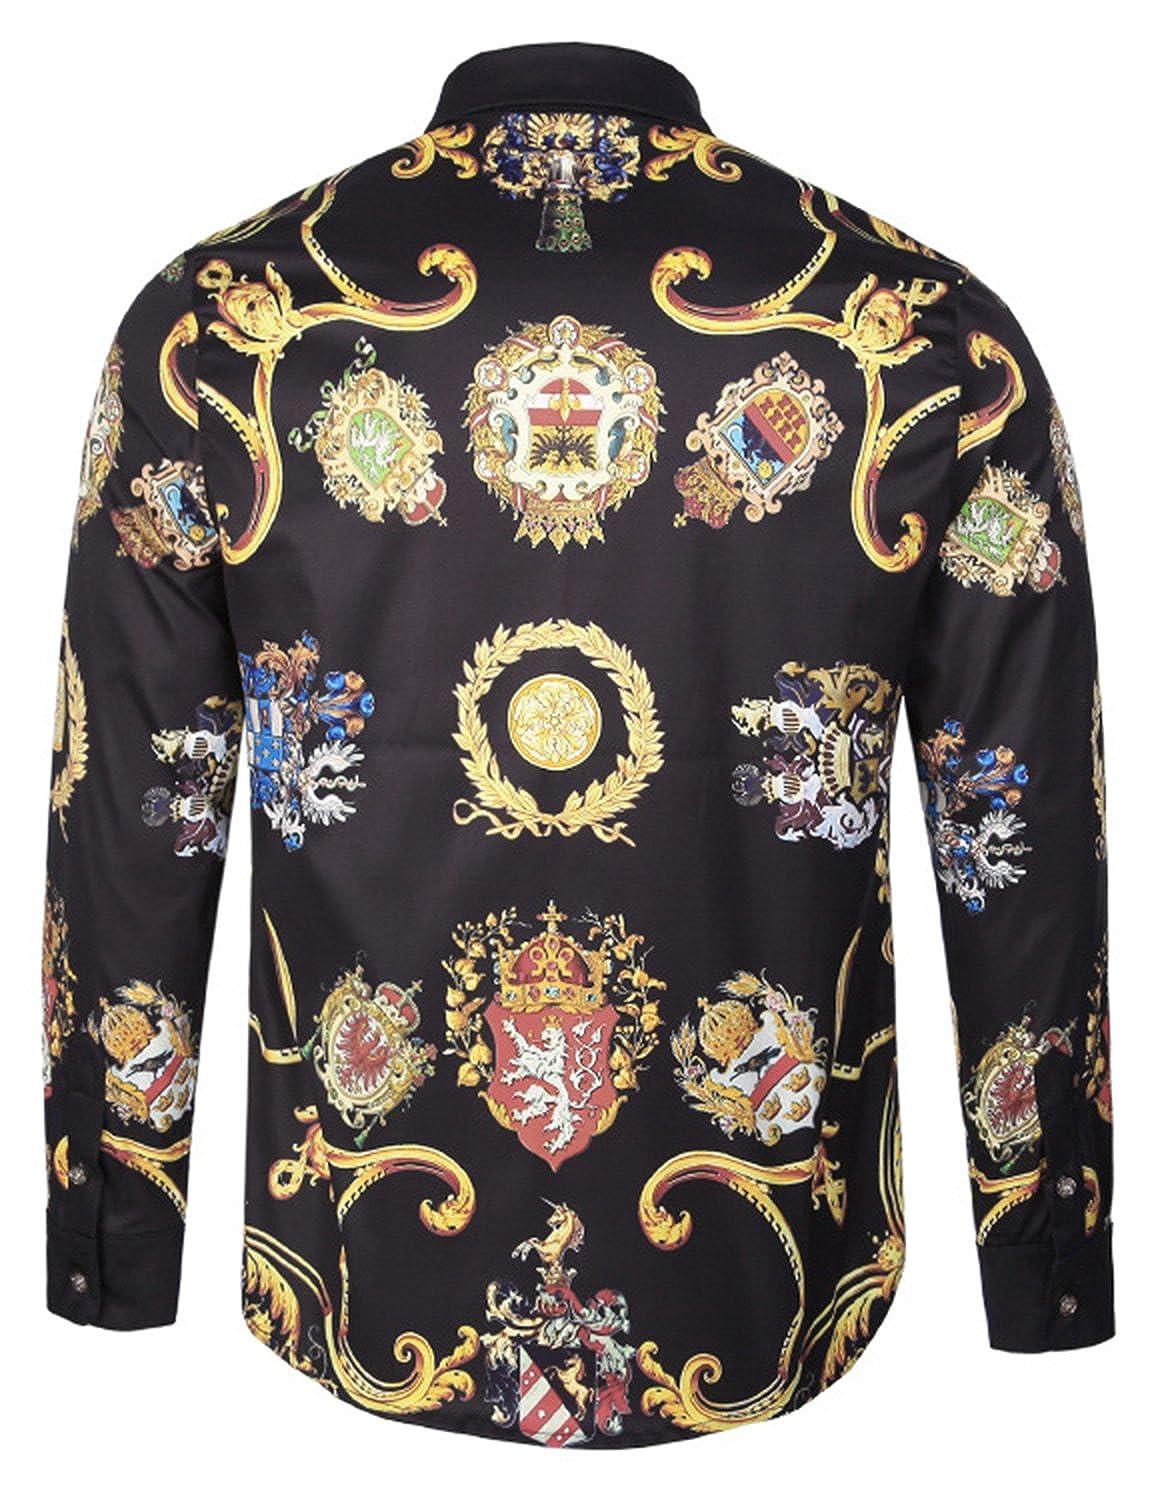 Homme Pizoff Chemise Homme /à Belle Impression Luxury Design Dress Shirt Chemise de Soir/ée Style /Él/égant Y1792 Collection2